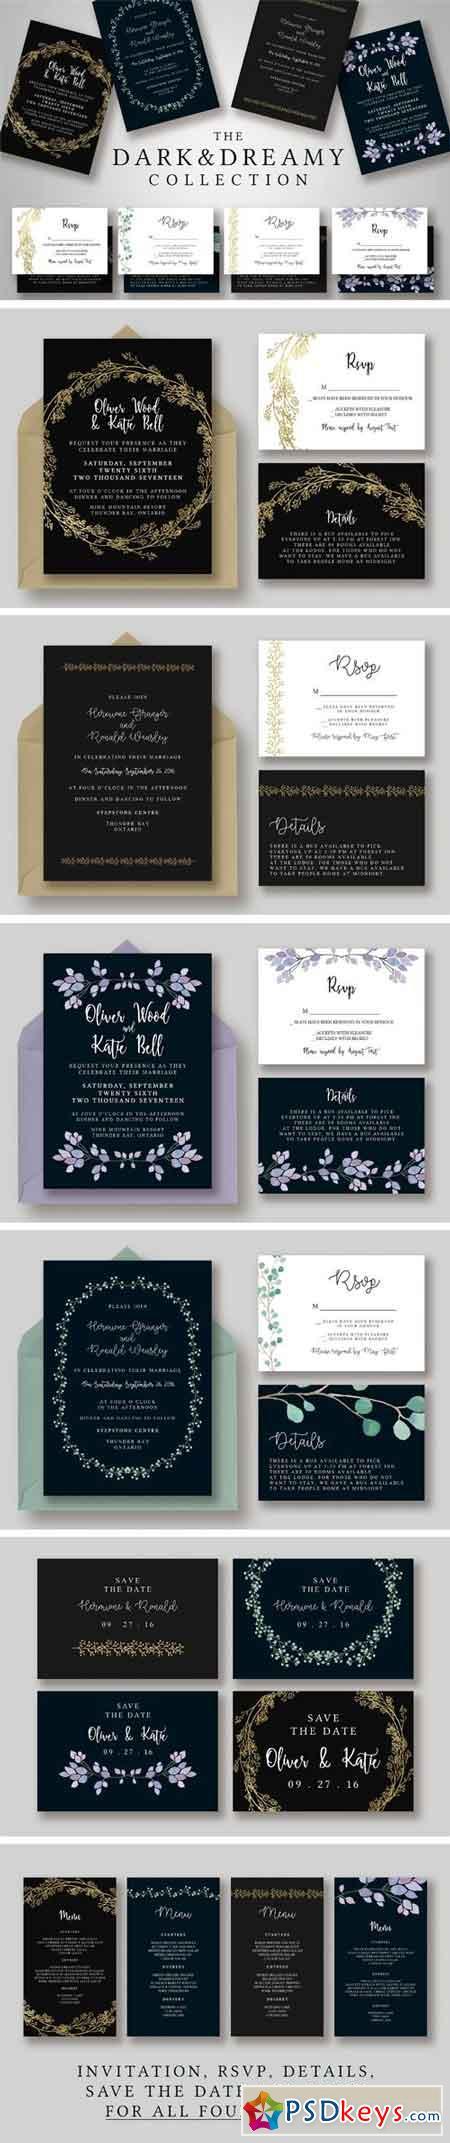 Dark & Dreamy Invitation Collection 1163618